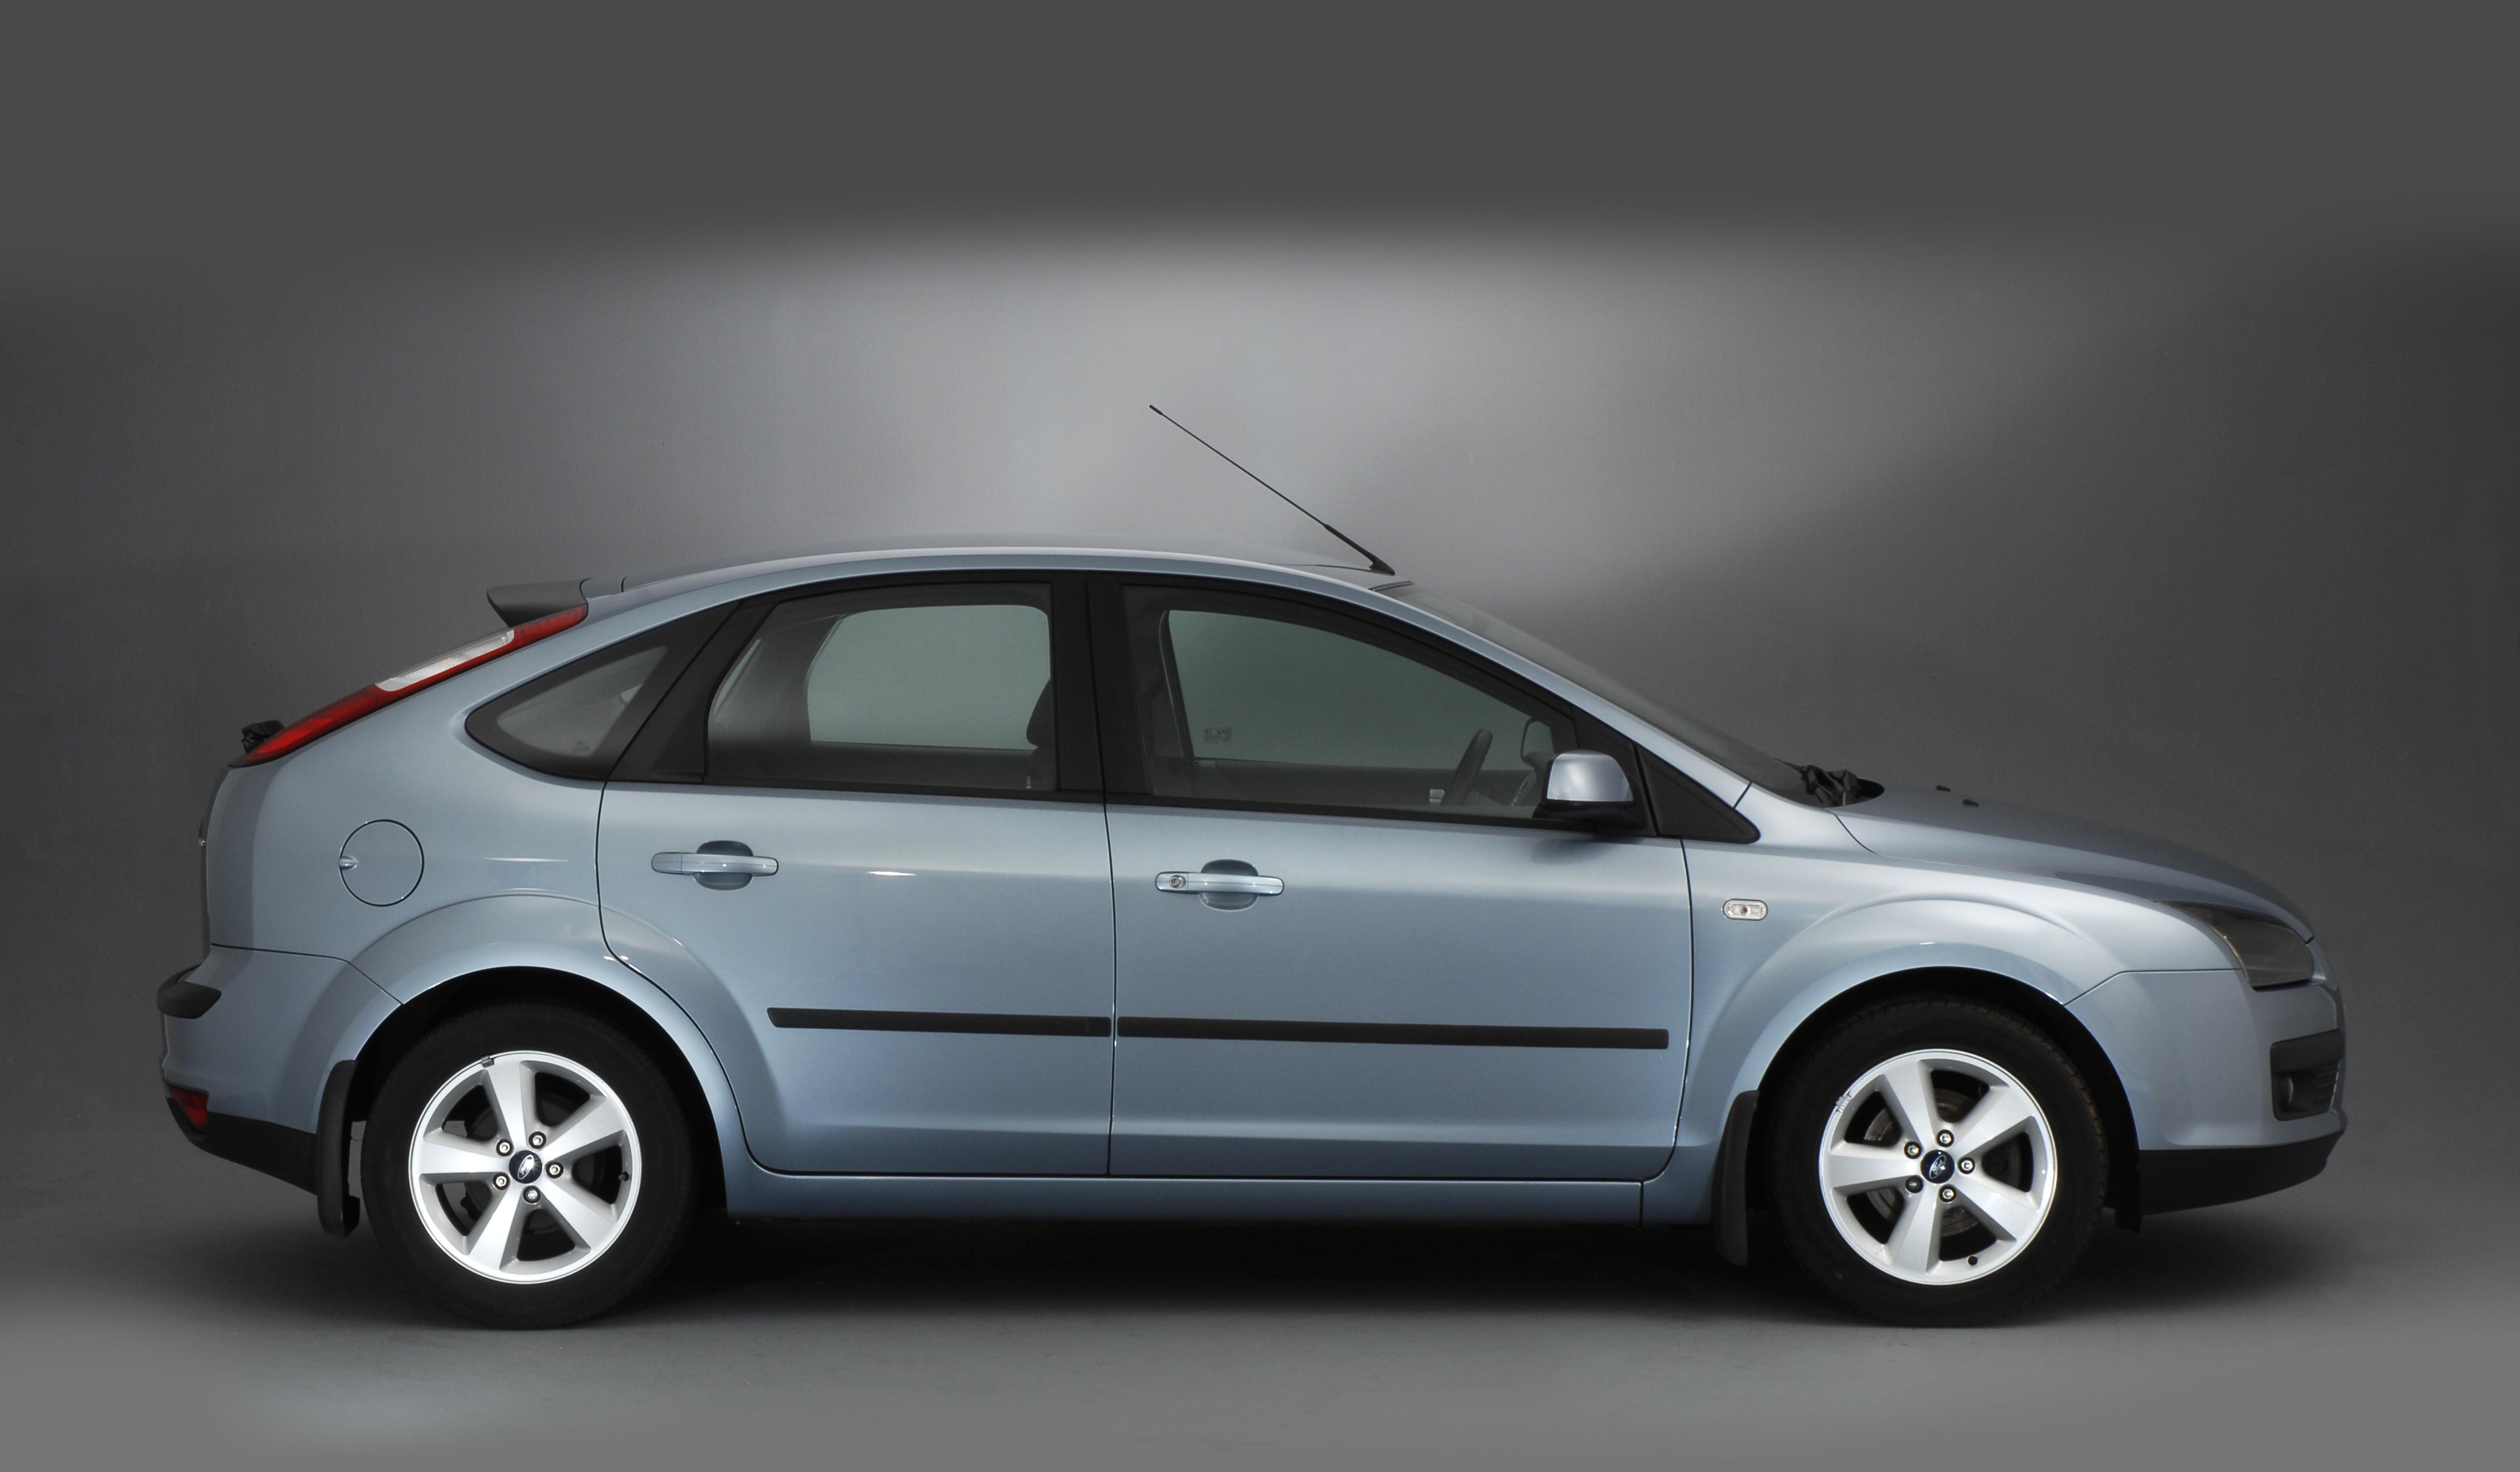 Ford Focus Hatchback 2005